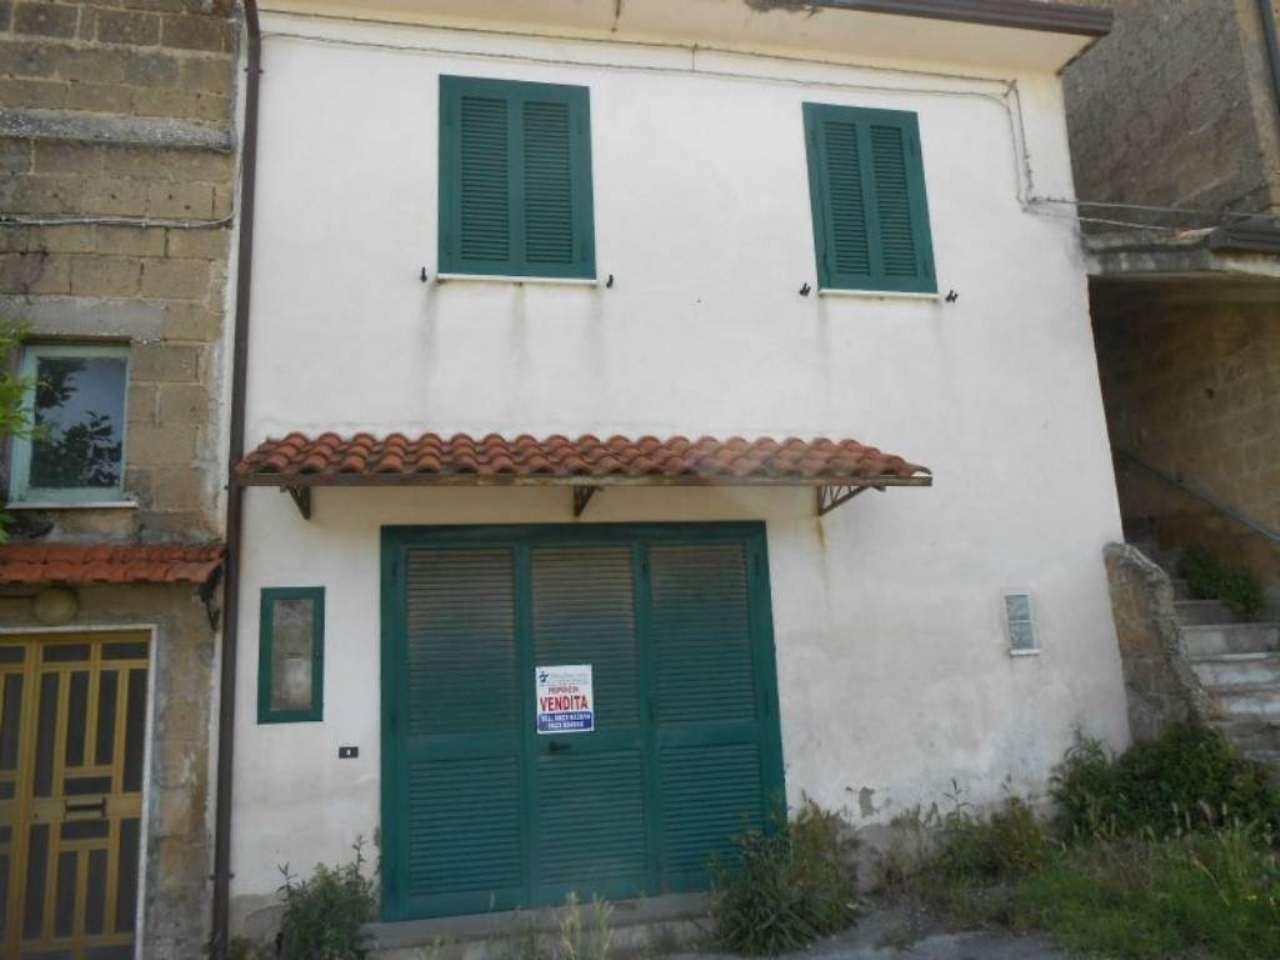 Soluzione Indipendente in vendita a Sant'Agata De' Goti, 11 locali, prezzo € 215.000 | CambioCasa.it